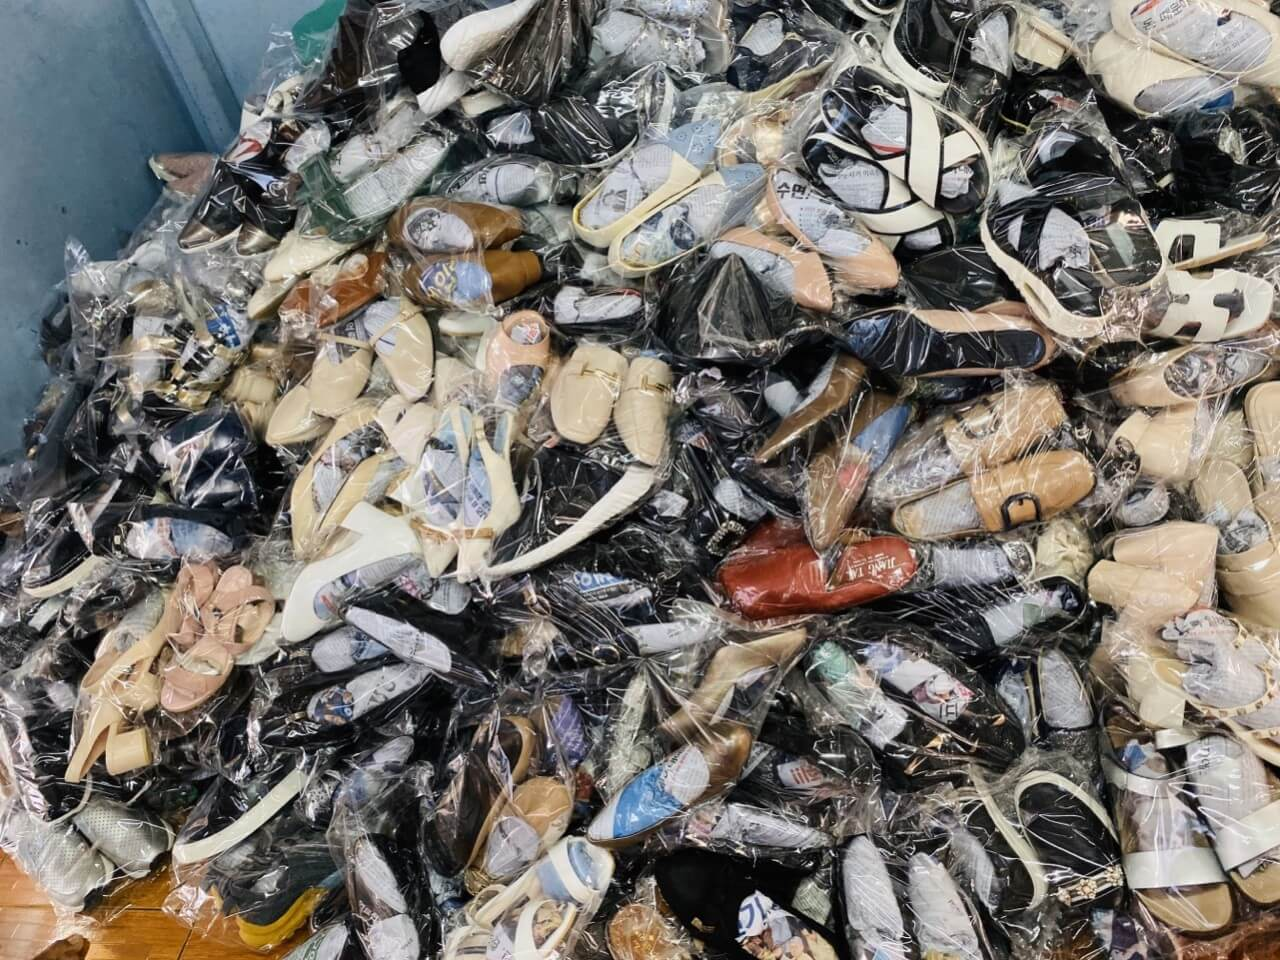 Giày hàng thùng được lấy từ những nước có nền thời trang đứng đầu nên giày hàng thùng thường có mẫu mã rất đẹp và độc